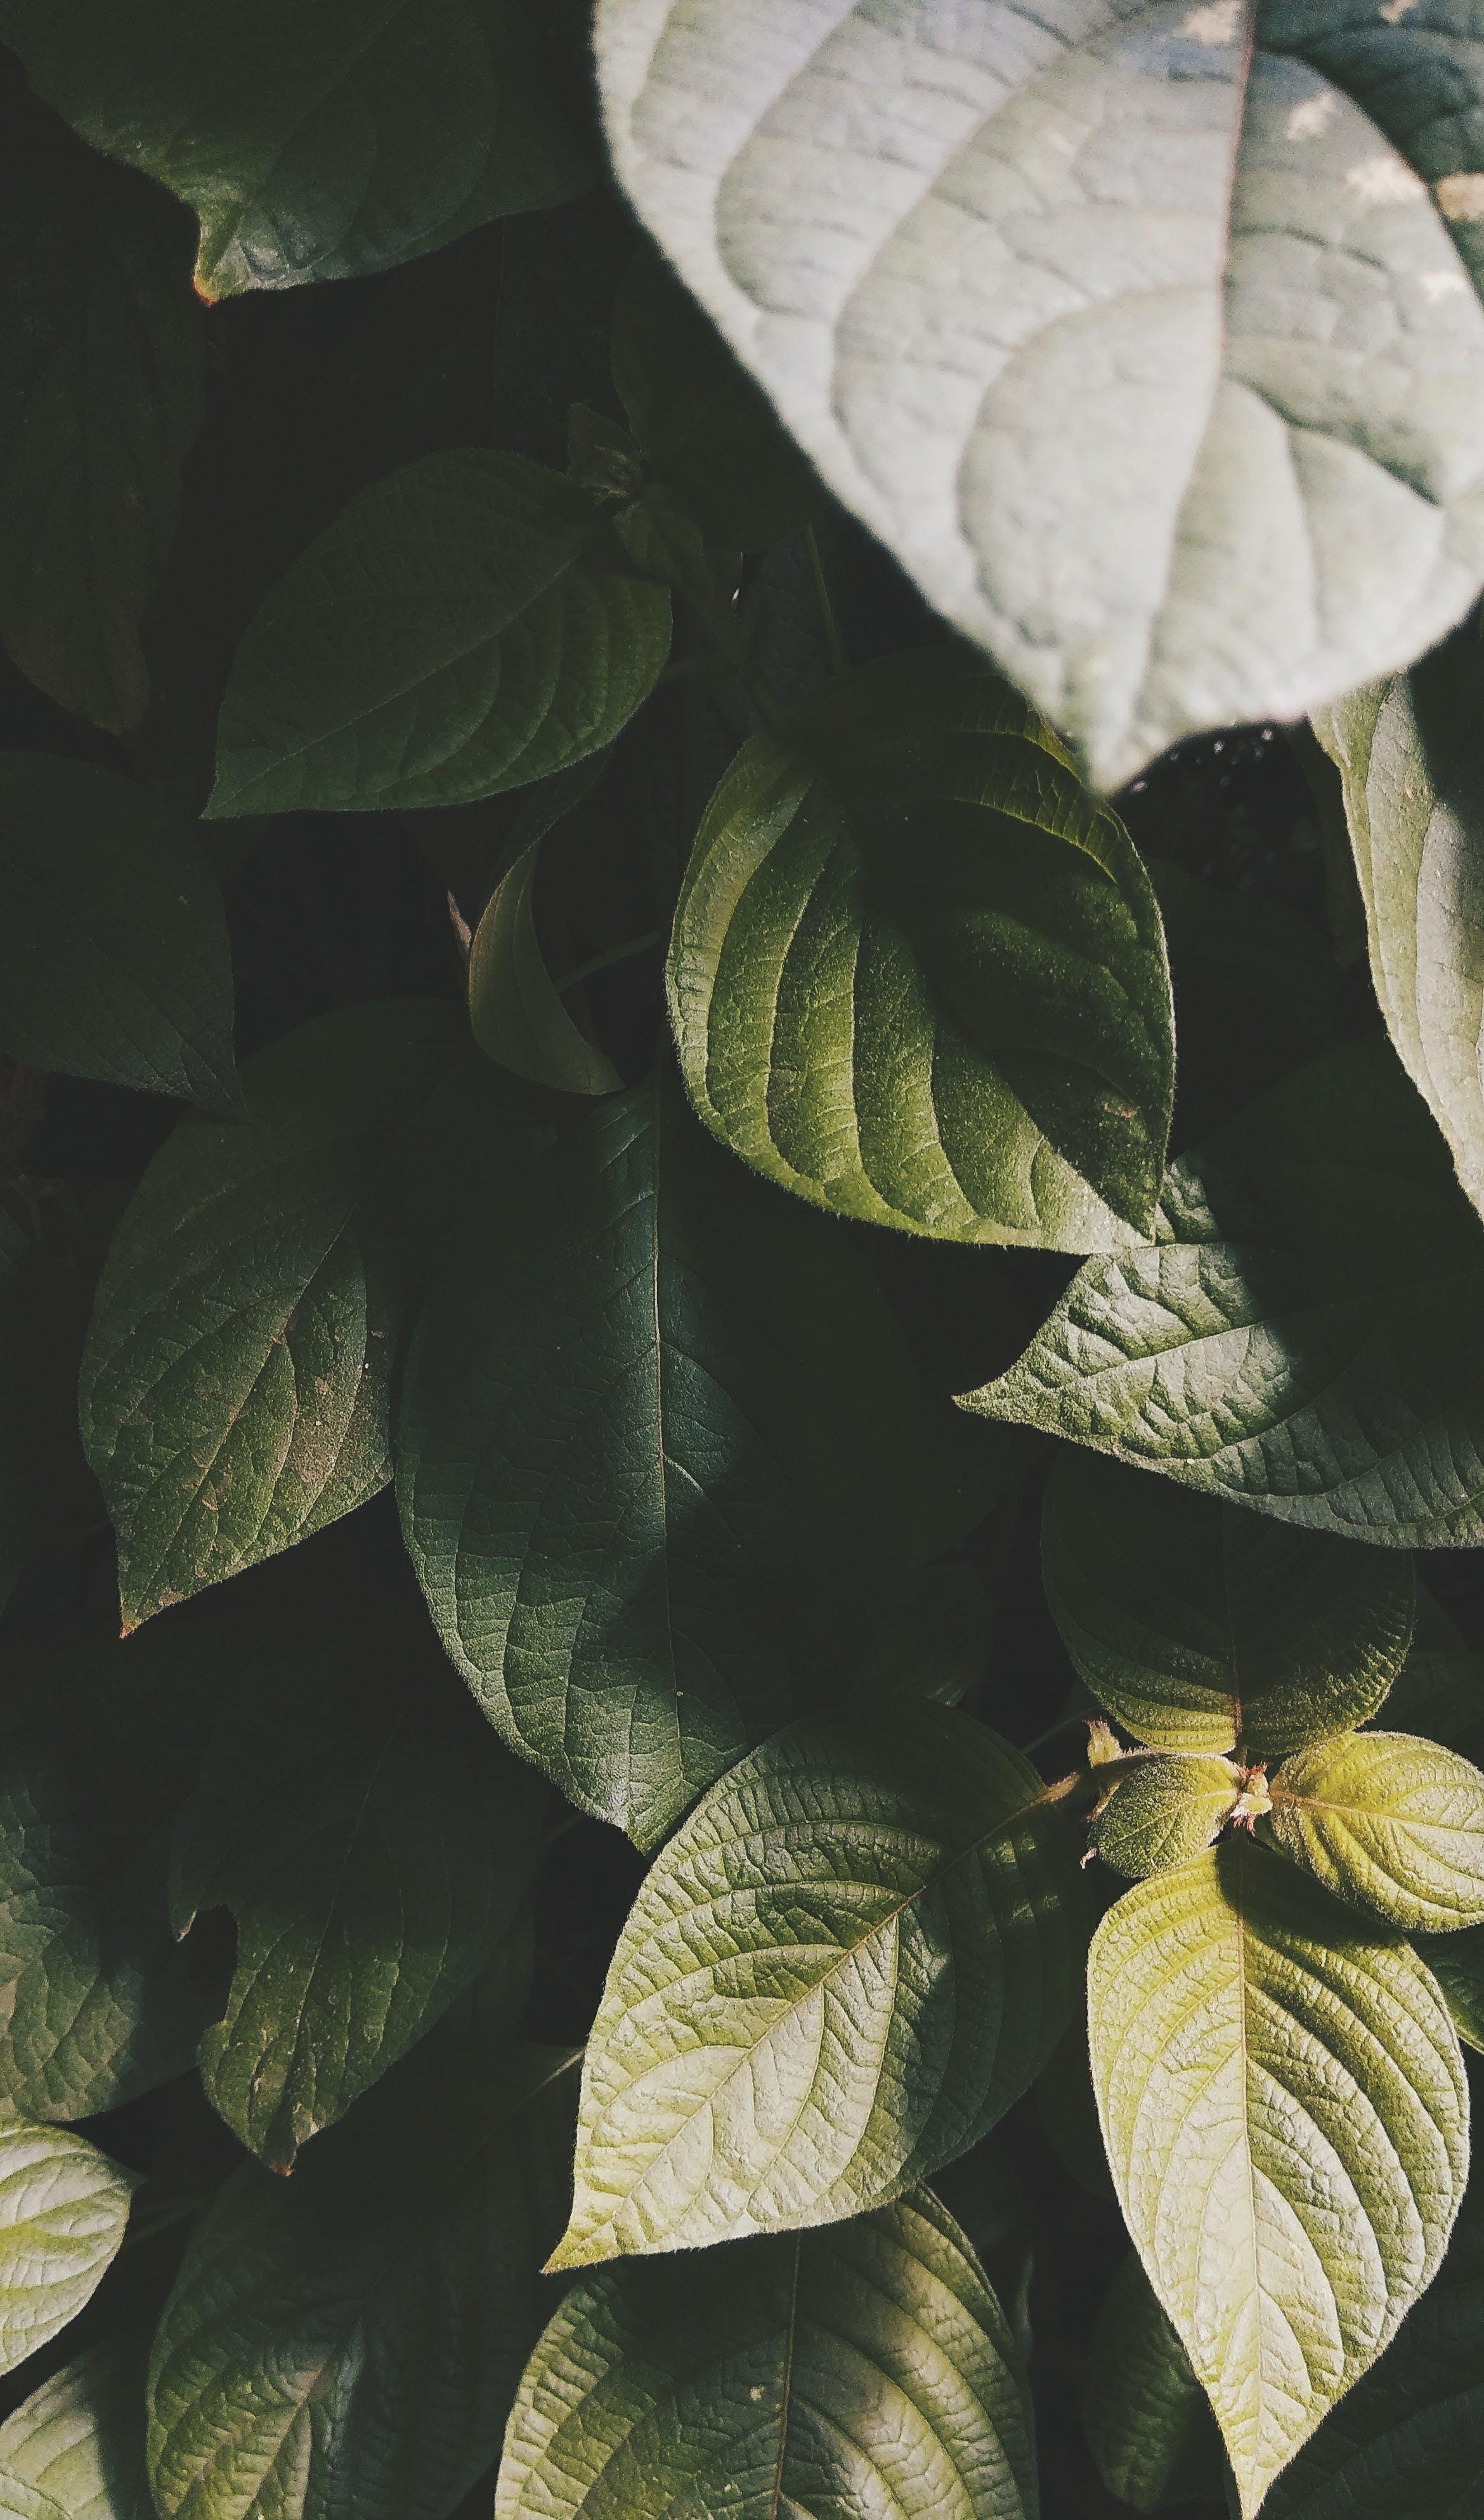 녹색, 모바일 챌린지, 성장, 식물의 무료 스톡 사진